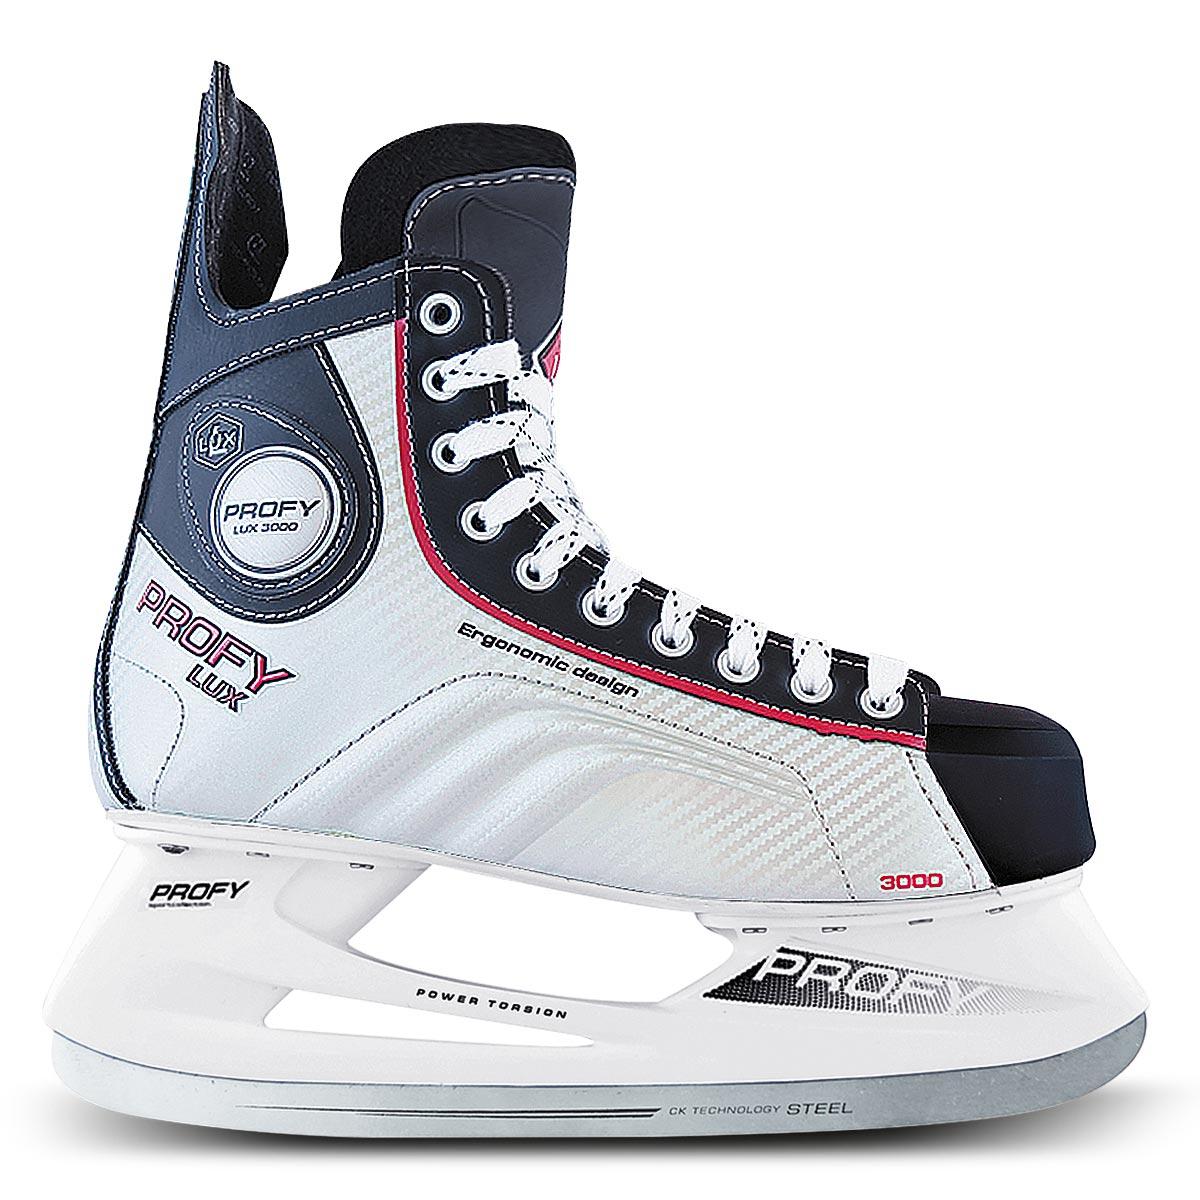 Коньки хоккейные мужские СК Profy Lux 3000, цвет: черный, серебряный, красный. Размер 43PROFY LUX 3000 Red_43Стильные коньки от CK Profy Lux 3000 Blue прекрасно подойдут для начинающих игроков в хоккей. Ботинок выполнен из морозоустойчивой искусственной кожи и ПВХ с высокой, плотной колодкой и усиленным задником, обеспечивающим боковую поддержку ноги. Мыс дополнен вставкой, которая защитит ноги от ударов. Внутренний слой и стелька изготовлены из мягкого трикотажа, который обеспечит тепло и комфорт во время катания, язычок - из войлока. Плотная шнуровка надежно фиксирует модель на ноге. Голеностоп имеет удобный суппорт. По бокам, на язычке и заднике коньки декорированы принтом и тиснением в виде логотипа бренда. Подошва - из твердого пластика. Стойка выполнена из ударопрочного поливинилхлорида. Лезвие из нержавеющей стали обеспечит превосходное скольжение. Оригинальные коньки придутся вам по душе.